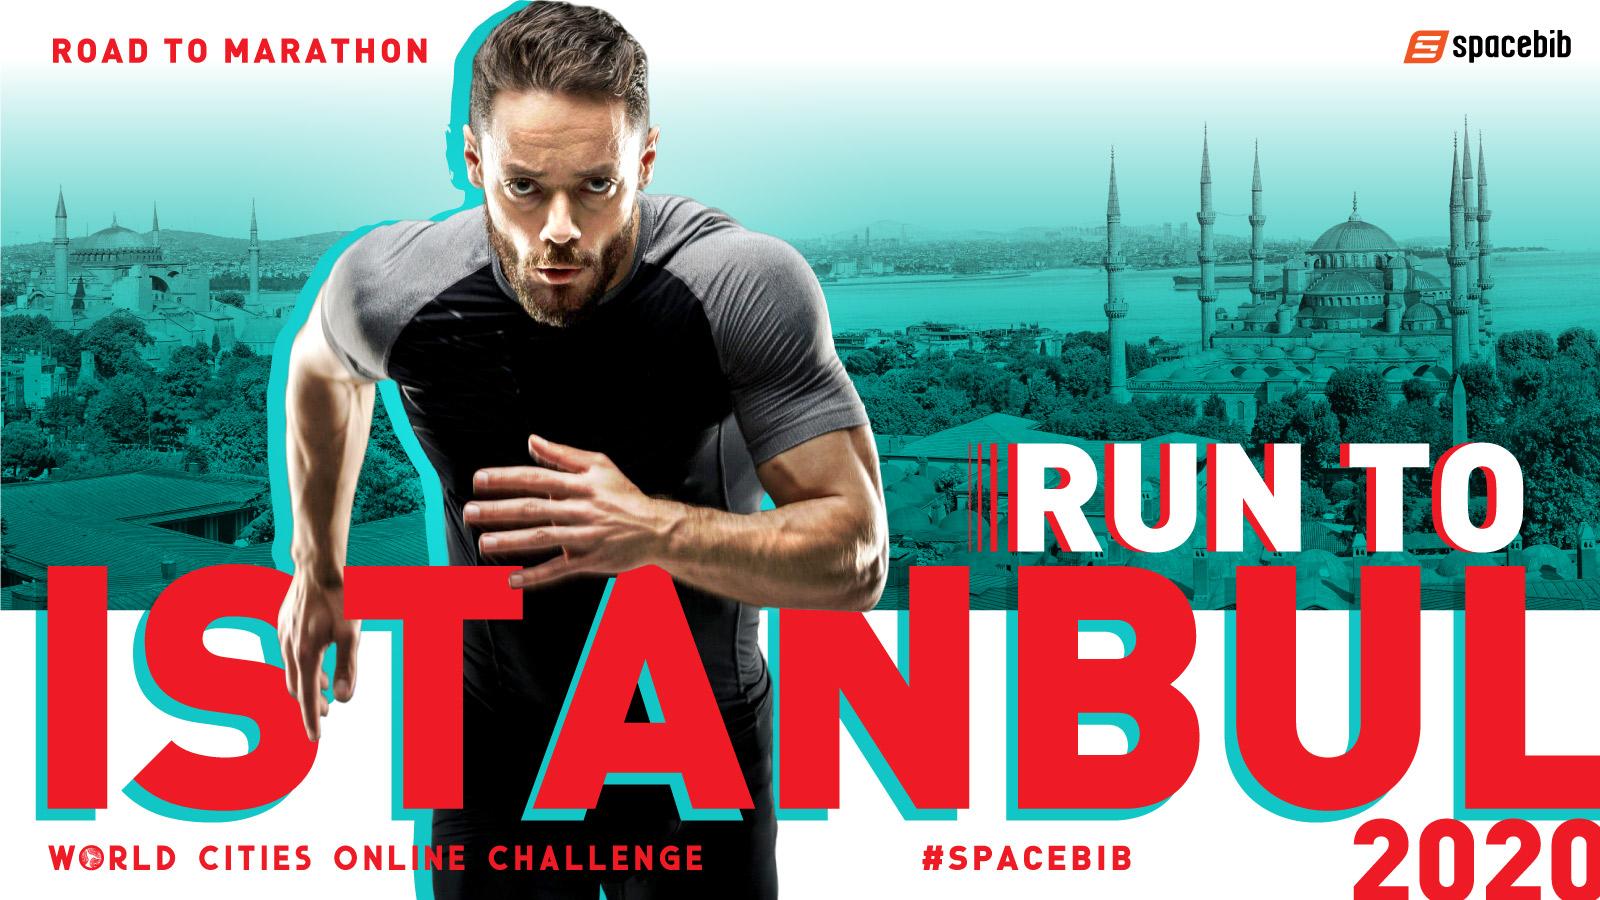 Run to Istanbul 2020